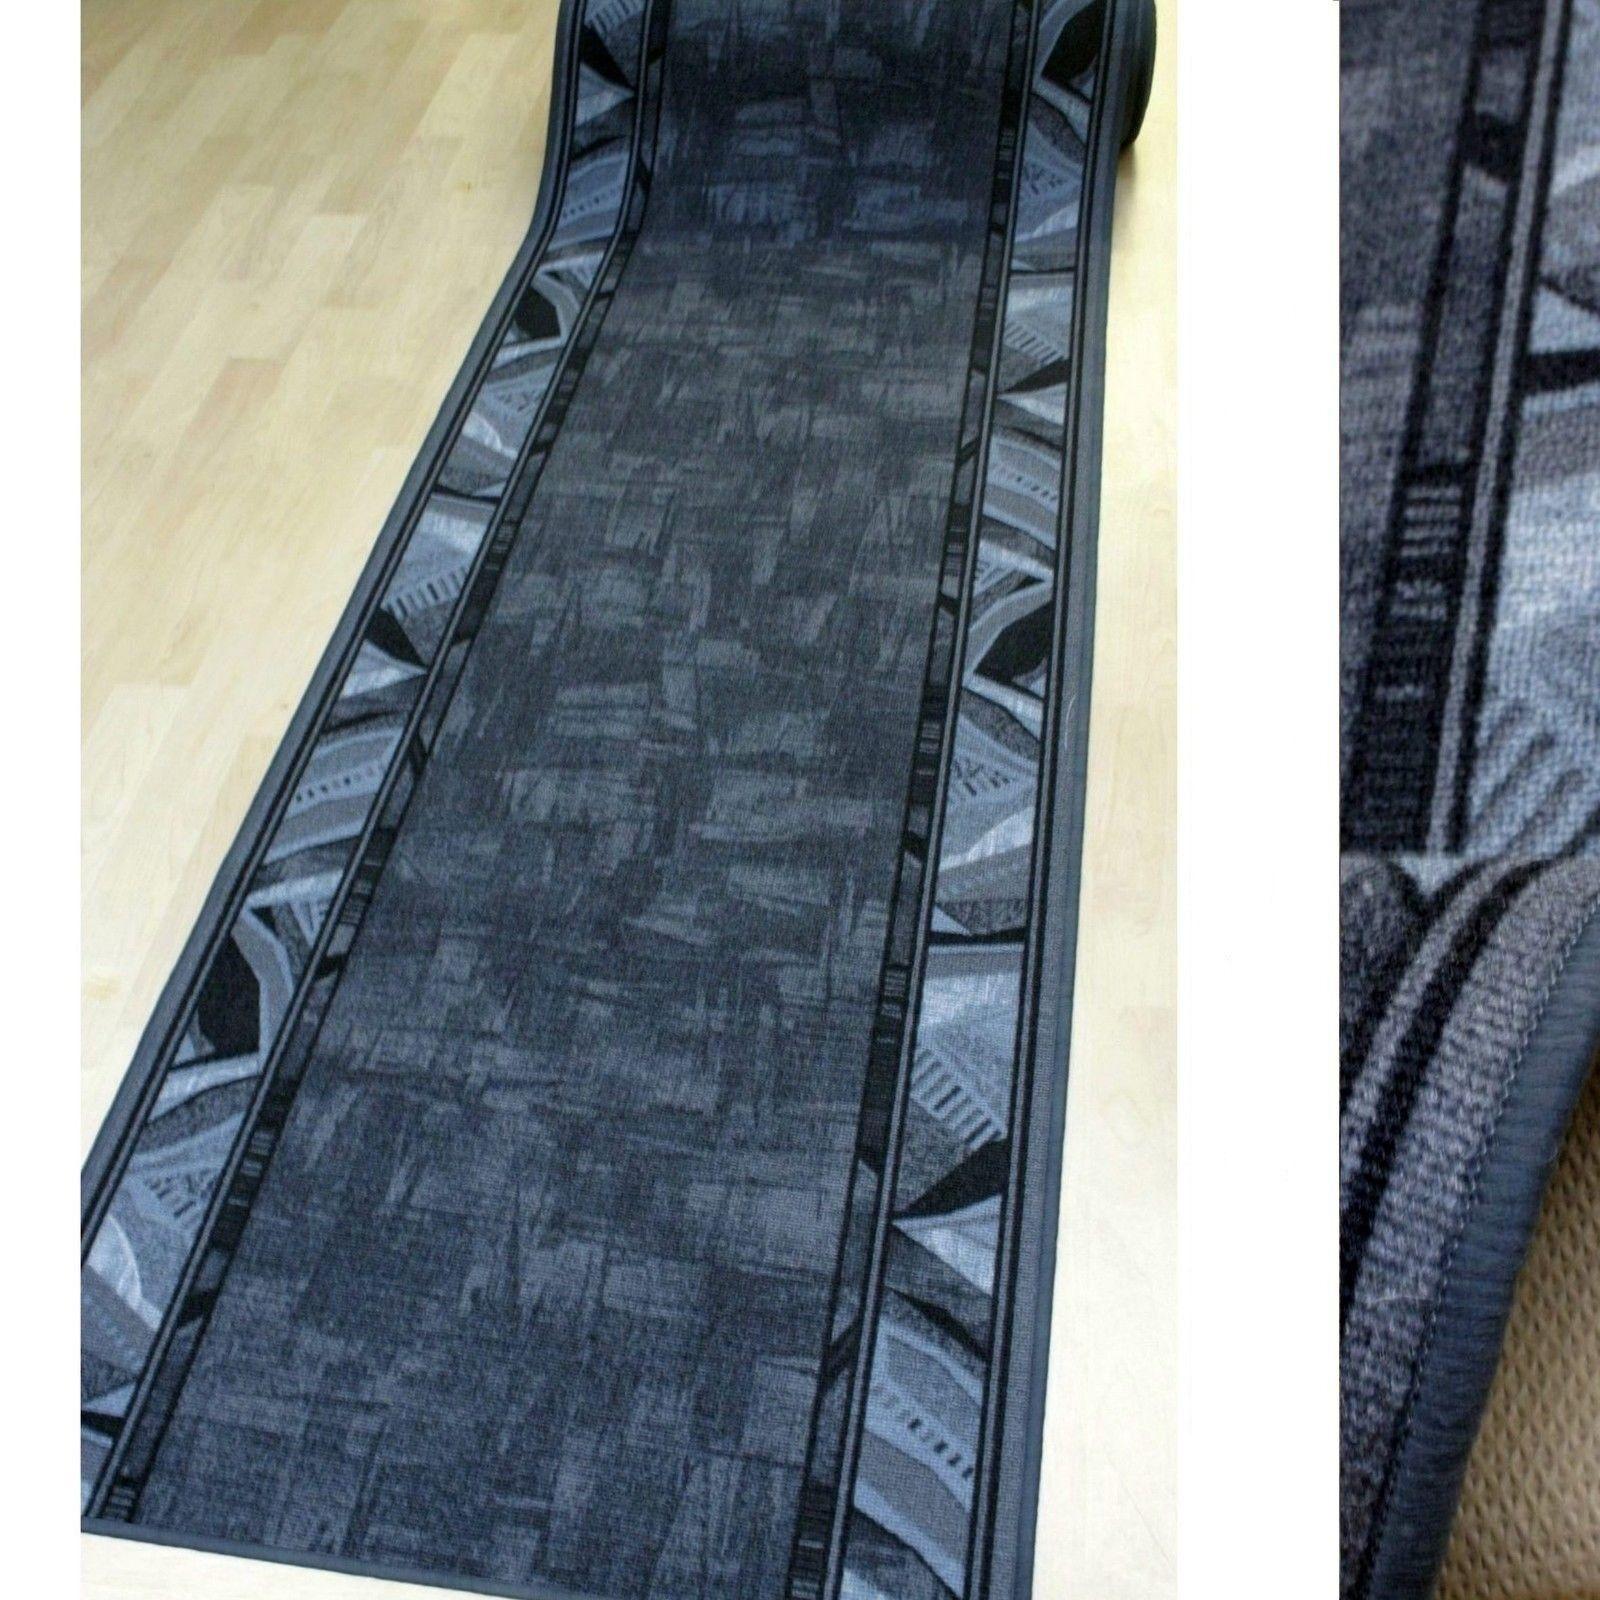 Grana fine tappeto Alfiere  AW CORRIDO 97 basalto  80 cm di larghezza NUOVO